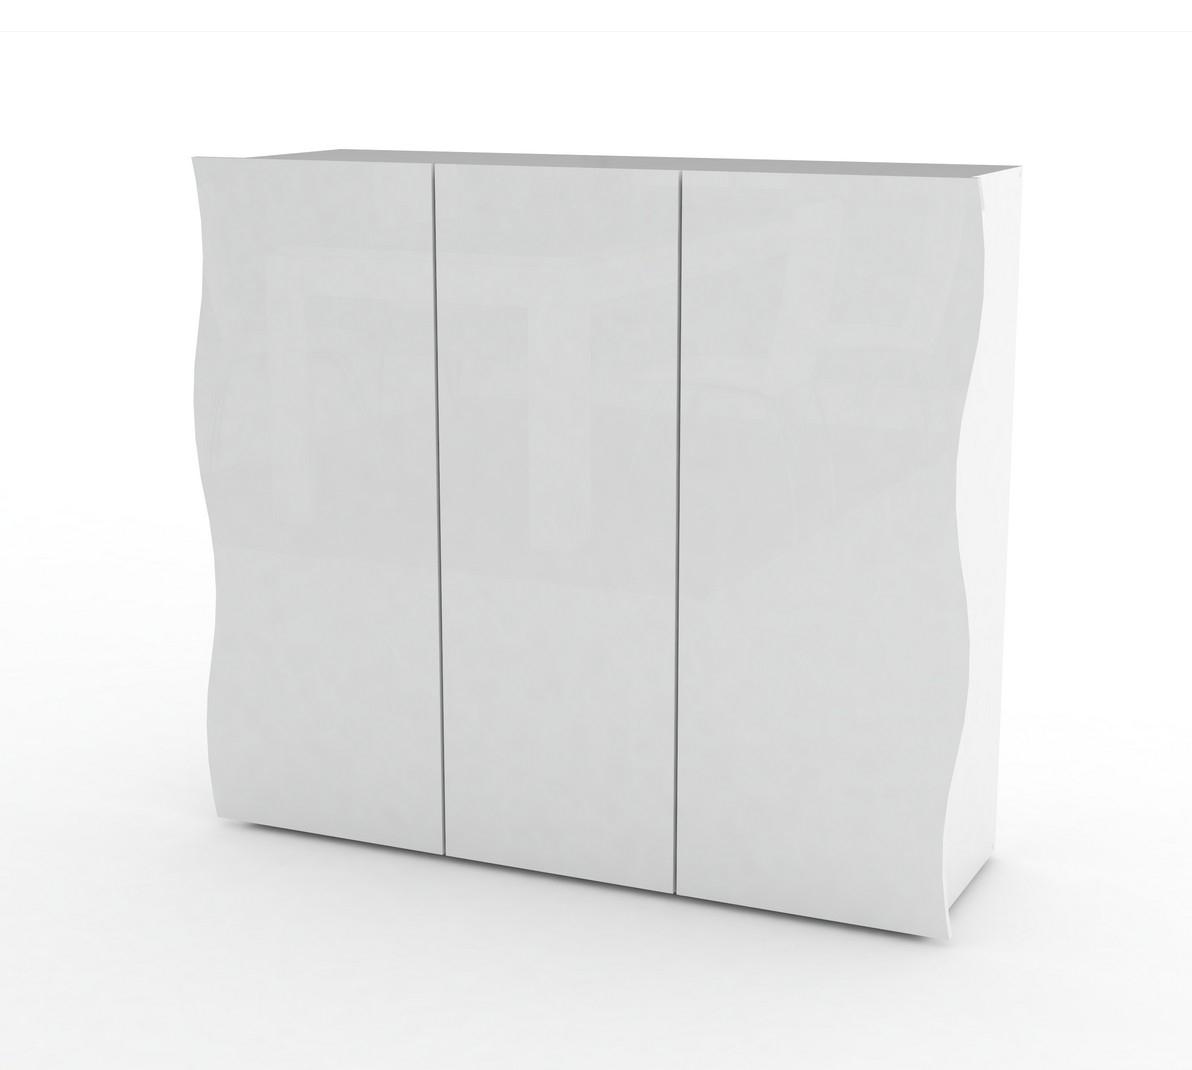 Specchio moderno per ingresso mobili da ingresso moderni - Mobili disimpegno ikea ...